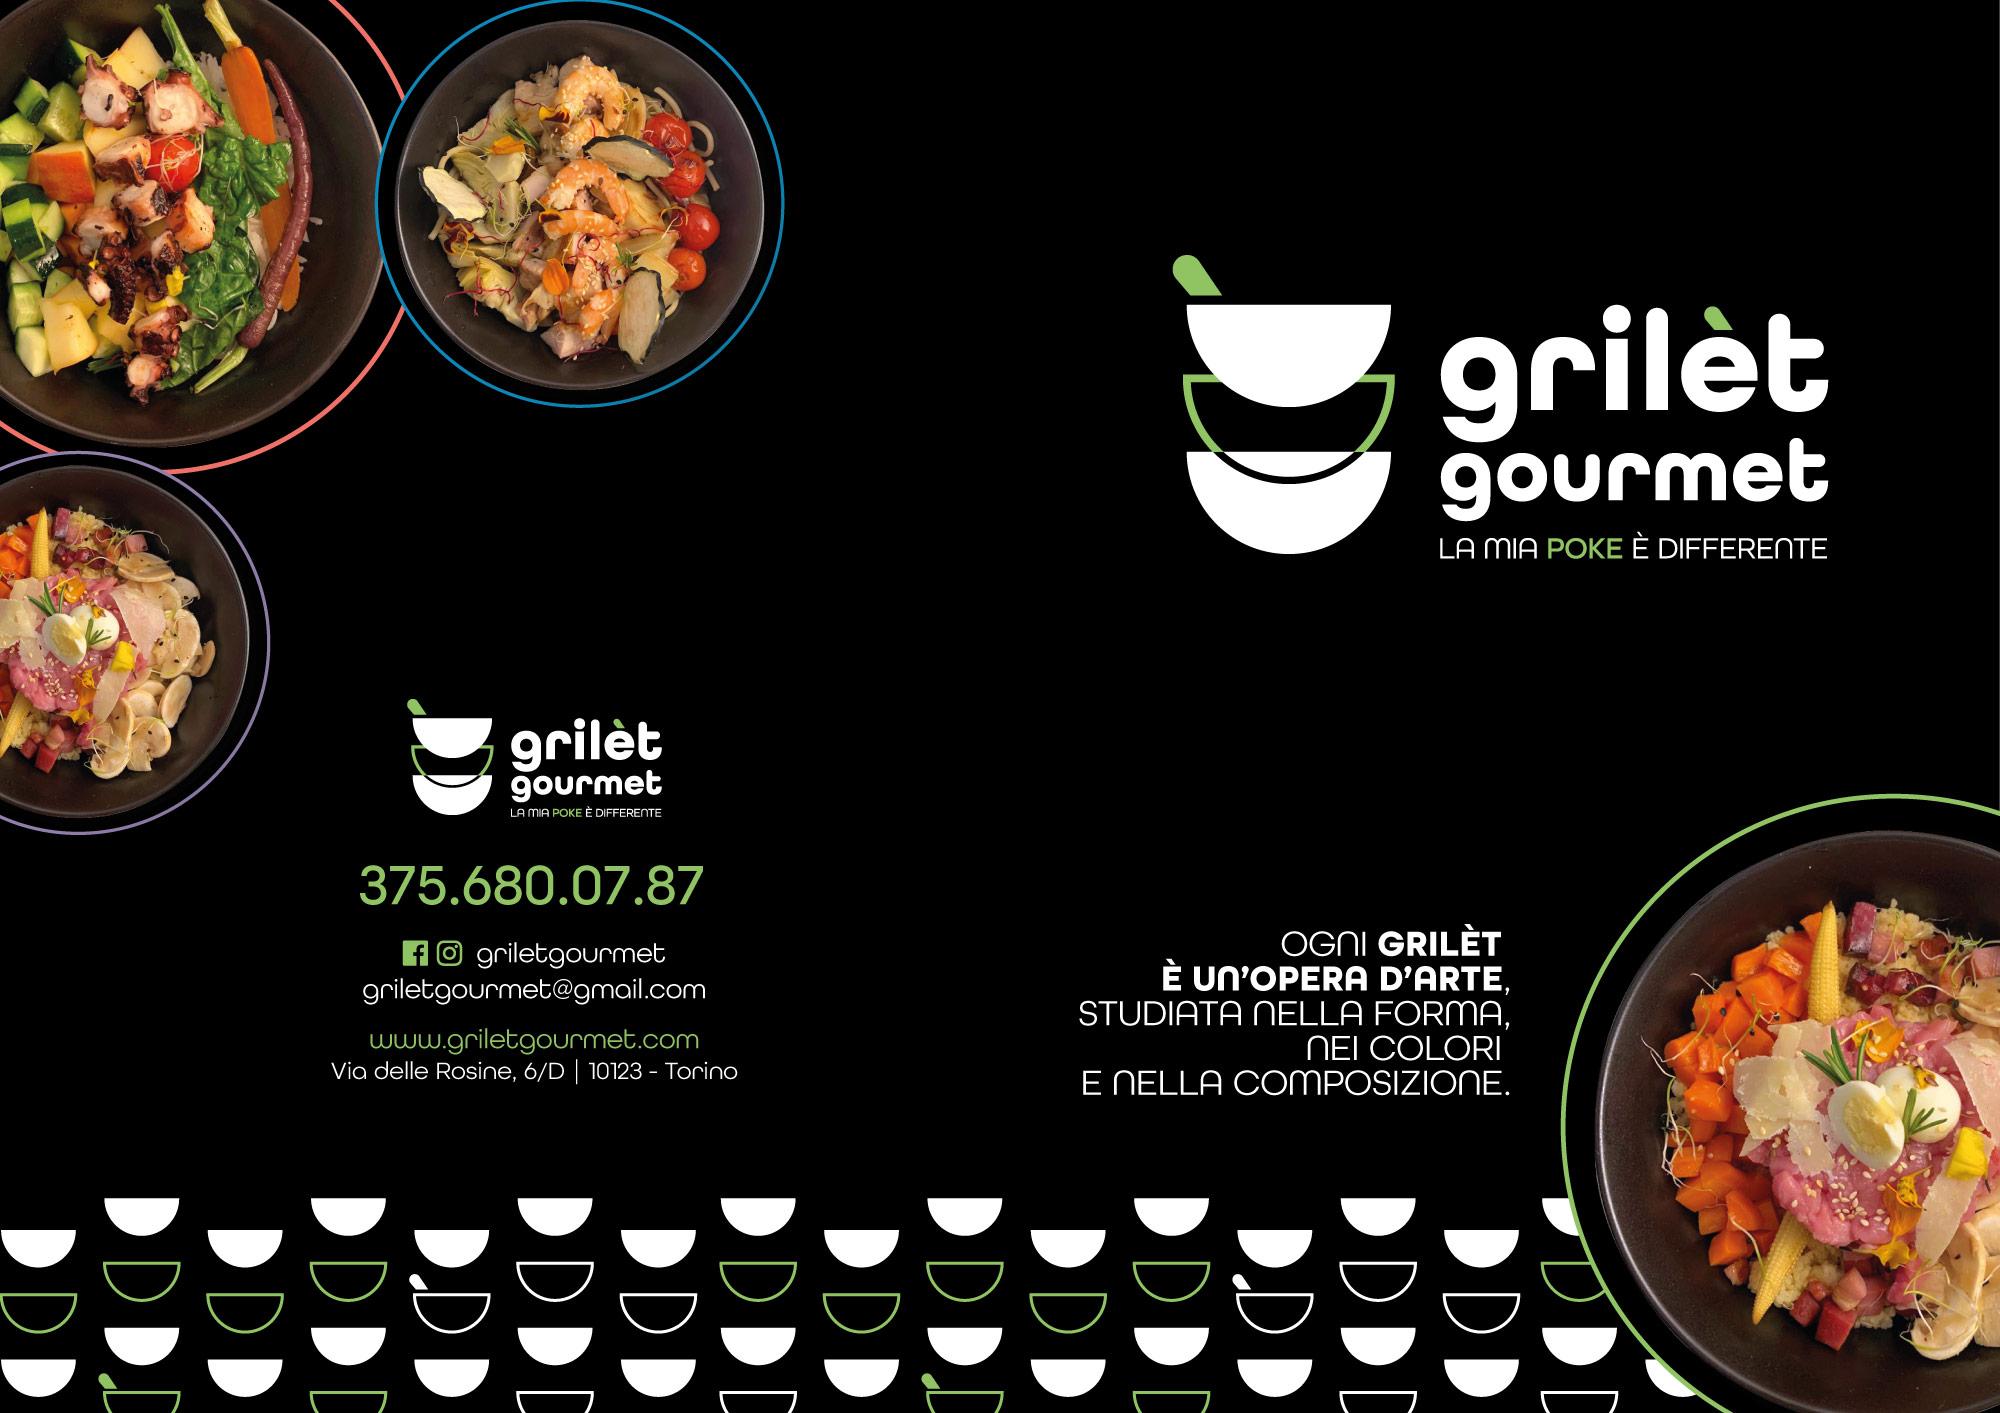 Caratteri_Agency_Grilet-gourmet_menu